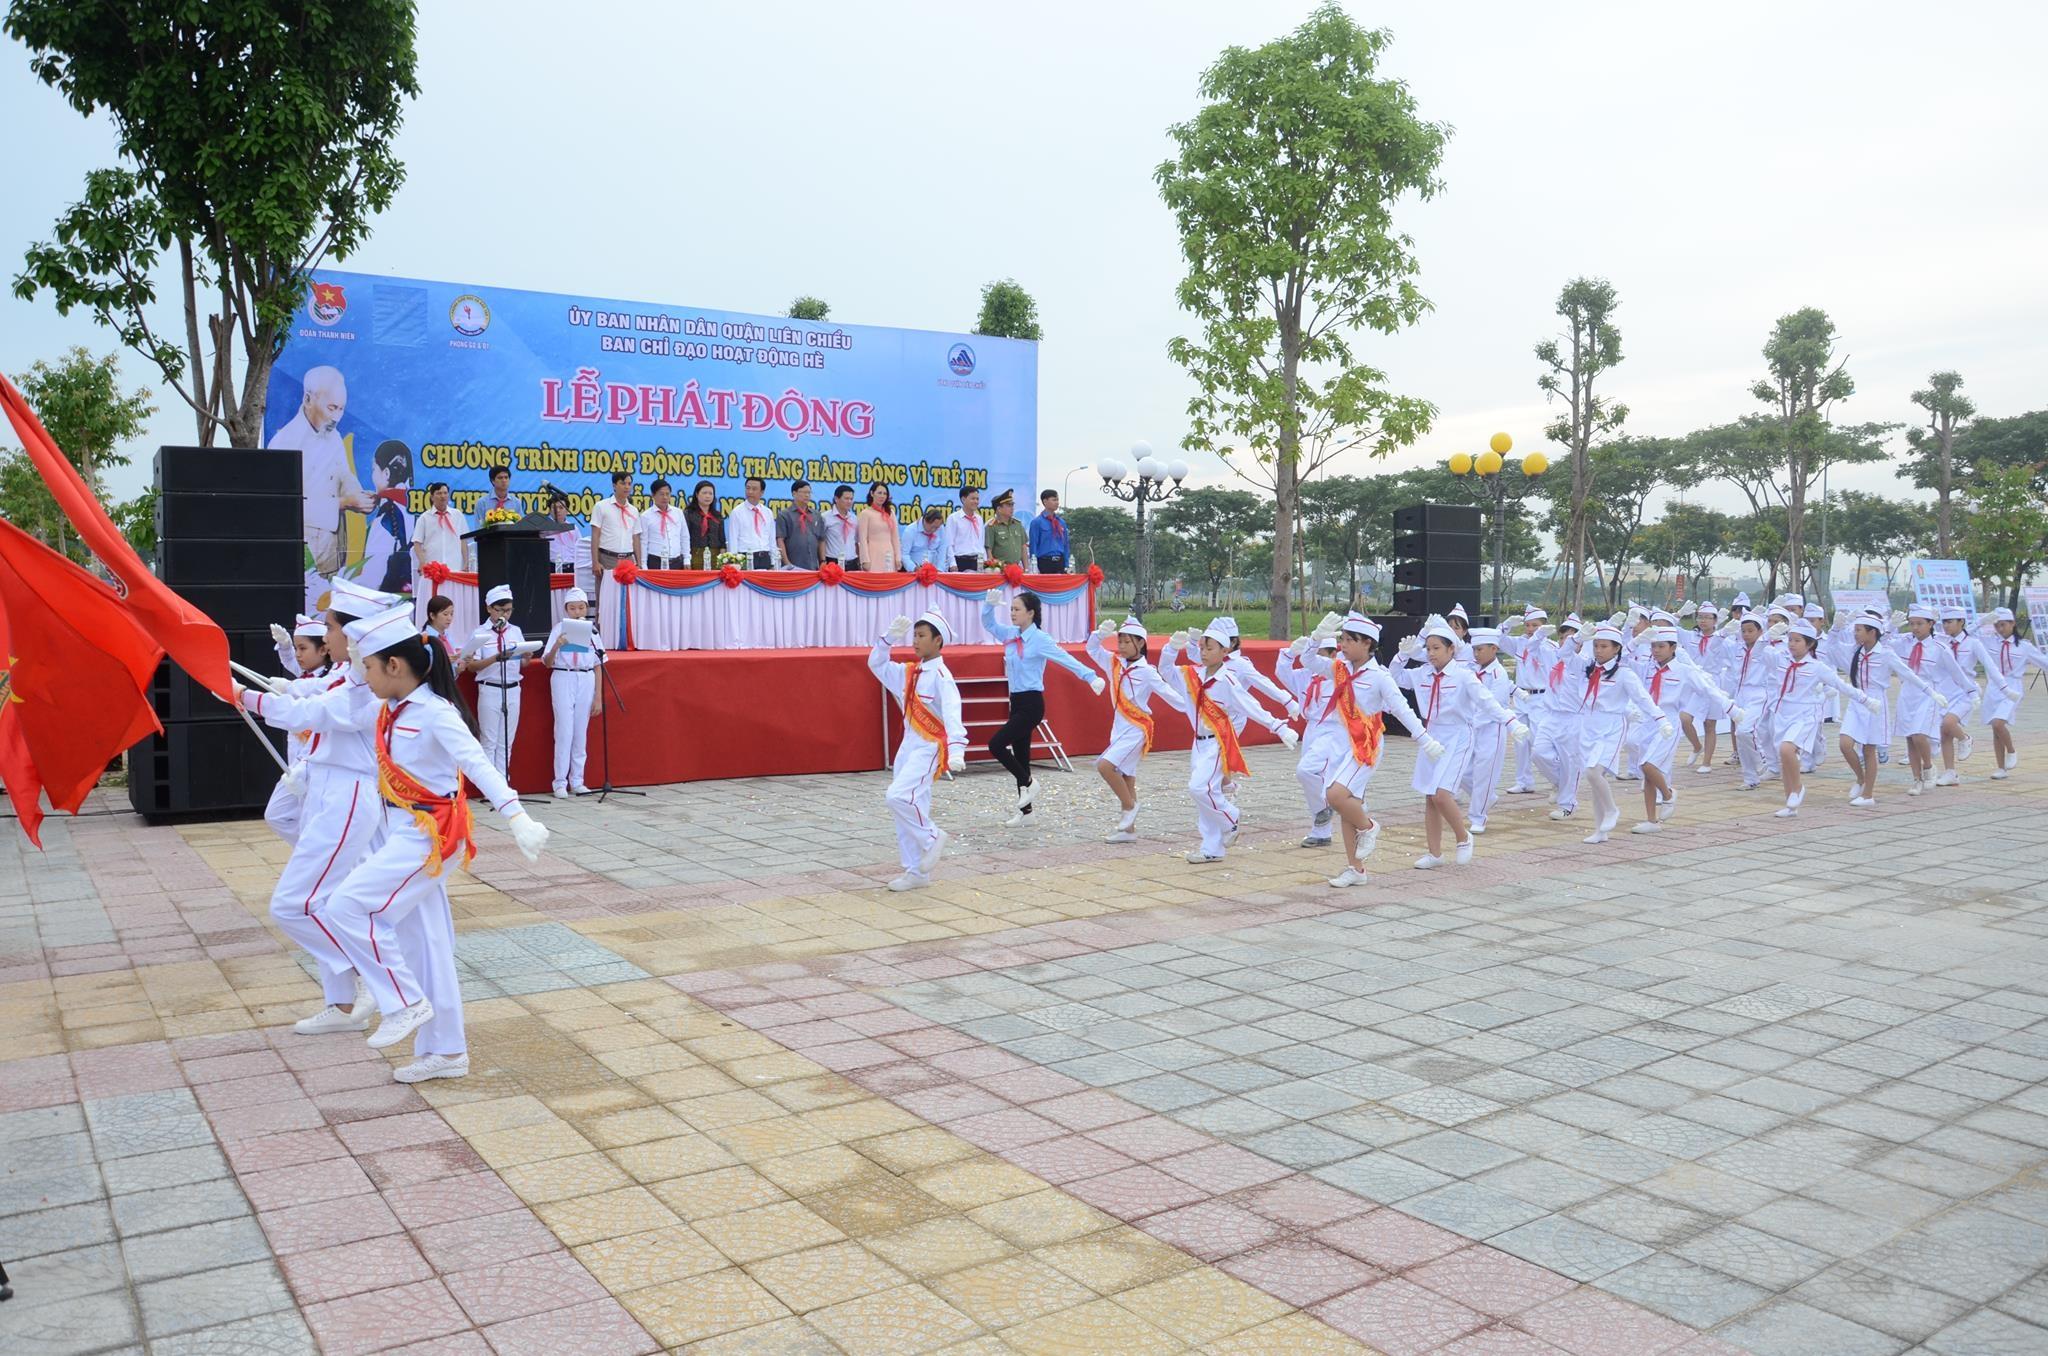 Liên Chiểu tổ chức Lễ phát động hoạt động hè năm 2017